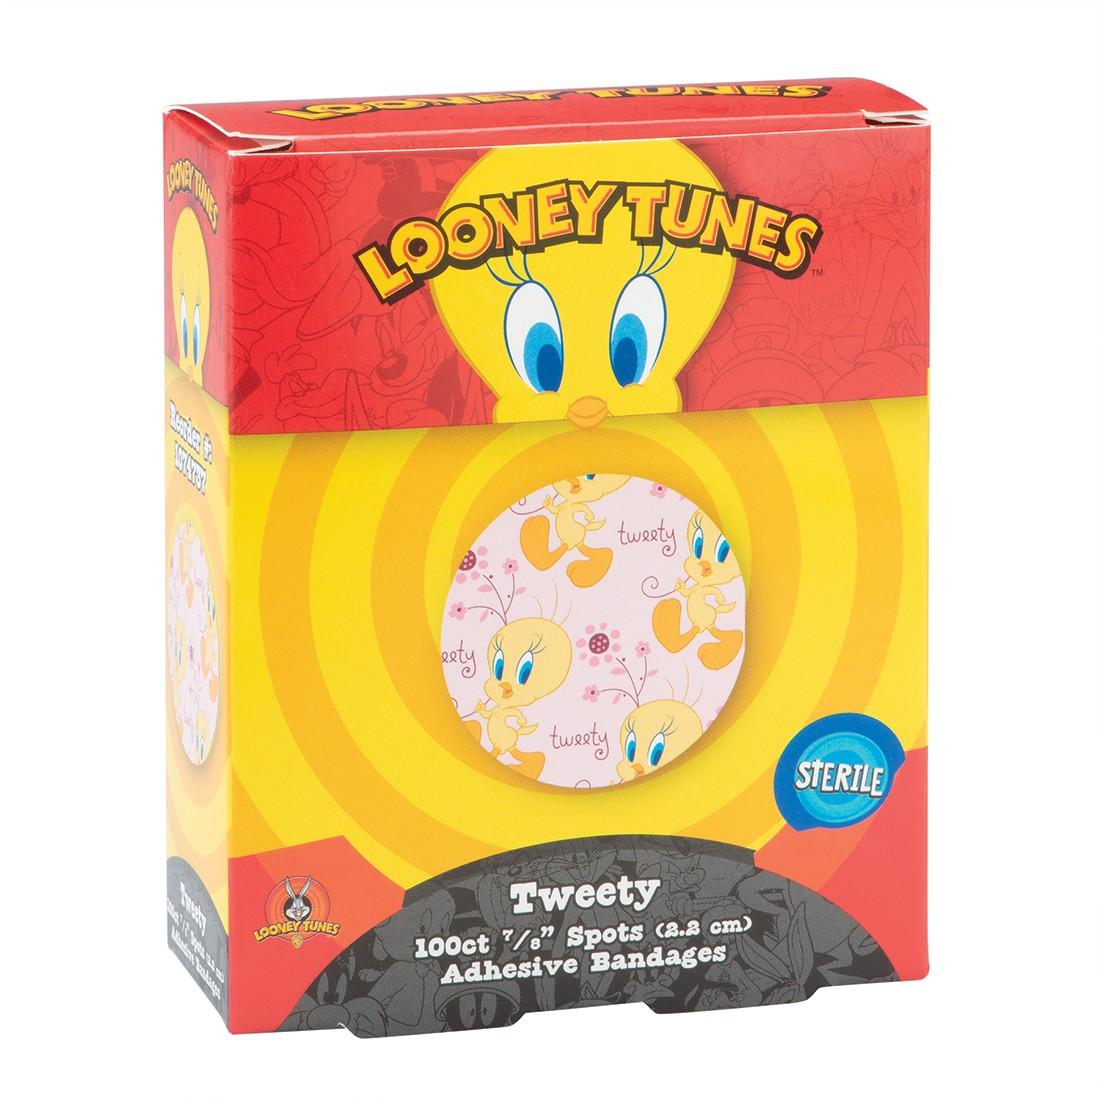 Looney Tunes® Tweety Spot Bandages [image]